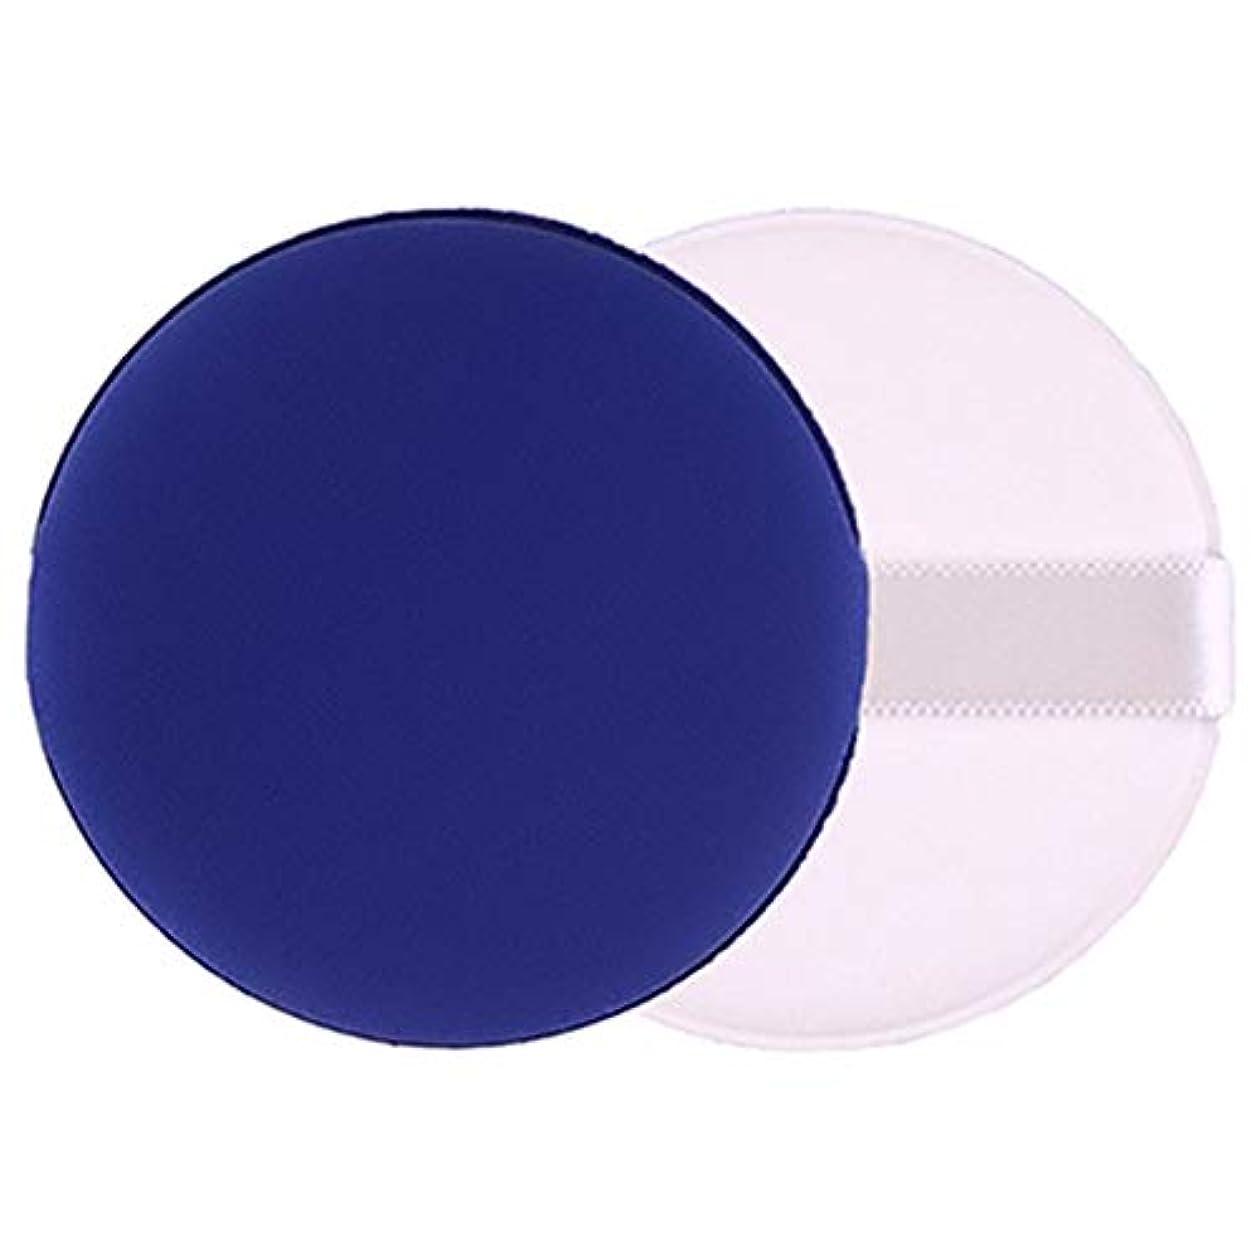 エアクッションパフ 2個 クリーム アプリケーター スポンジ パフ フェイシャル 乾湿両用 多用途 パウダーパフパッド クッションファンデーション 化粧ツール 全4色